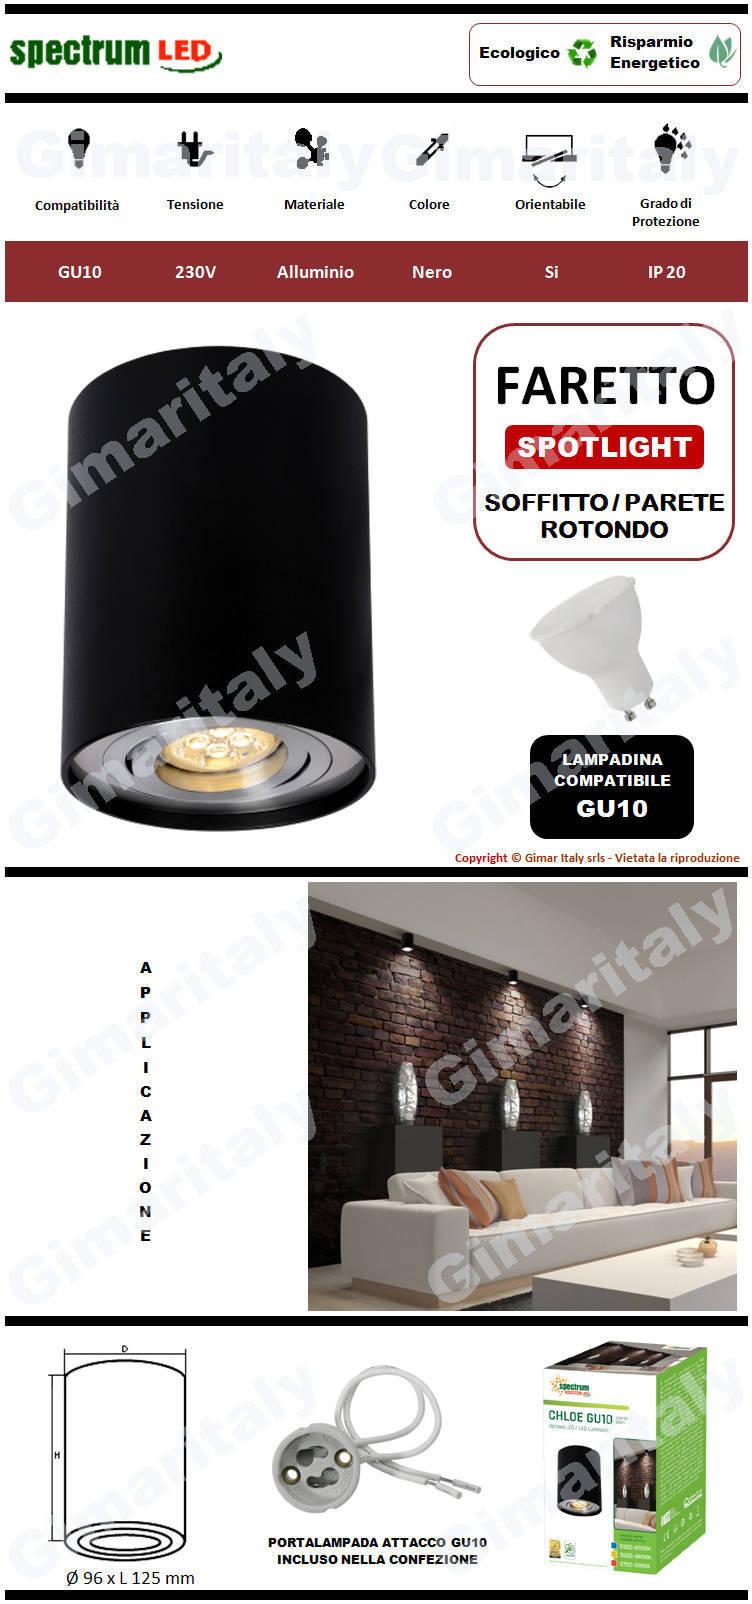 Portafaretto Orientabile Rotondo Nero da soffitto per lampadina GU10 Spectrum